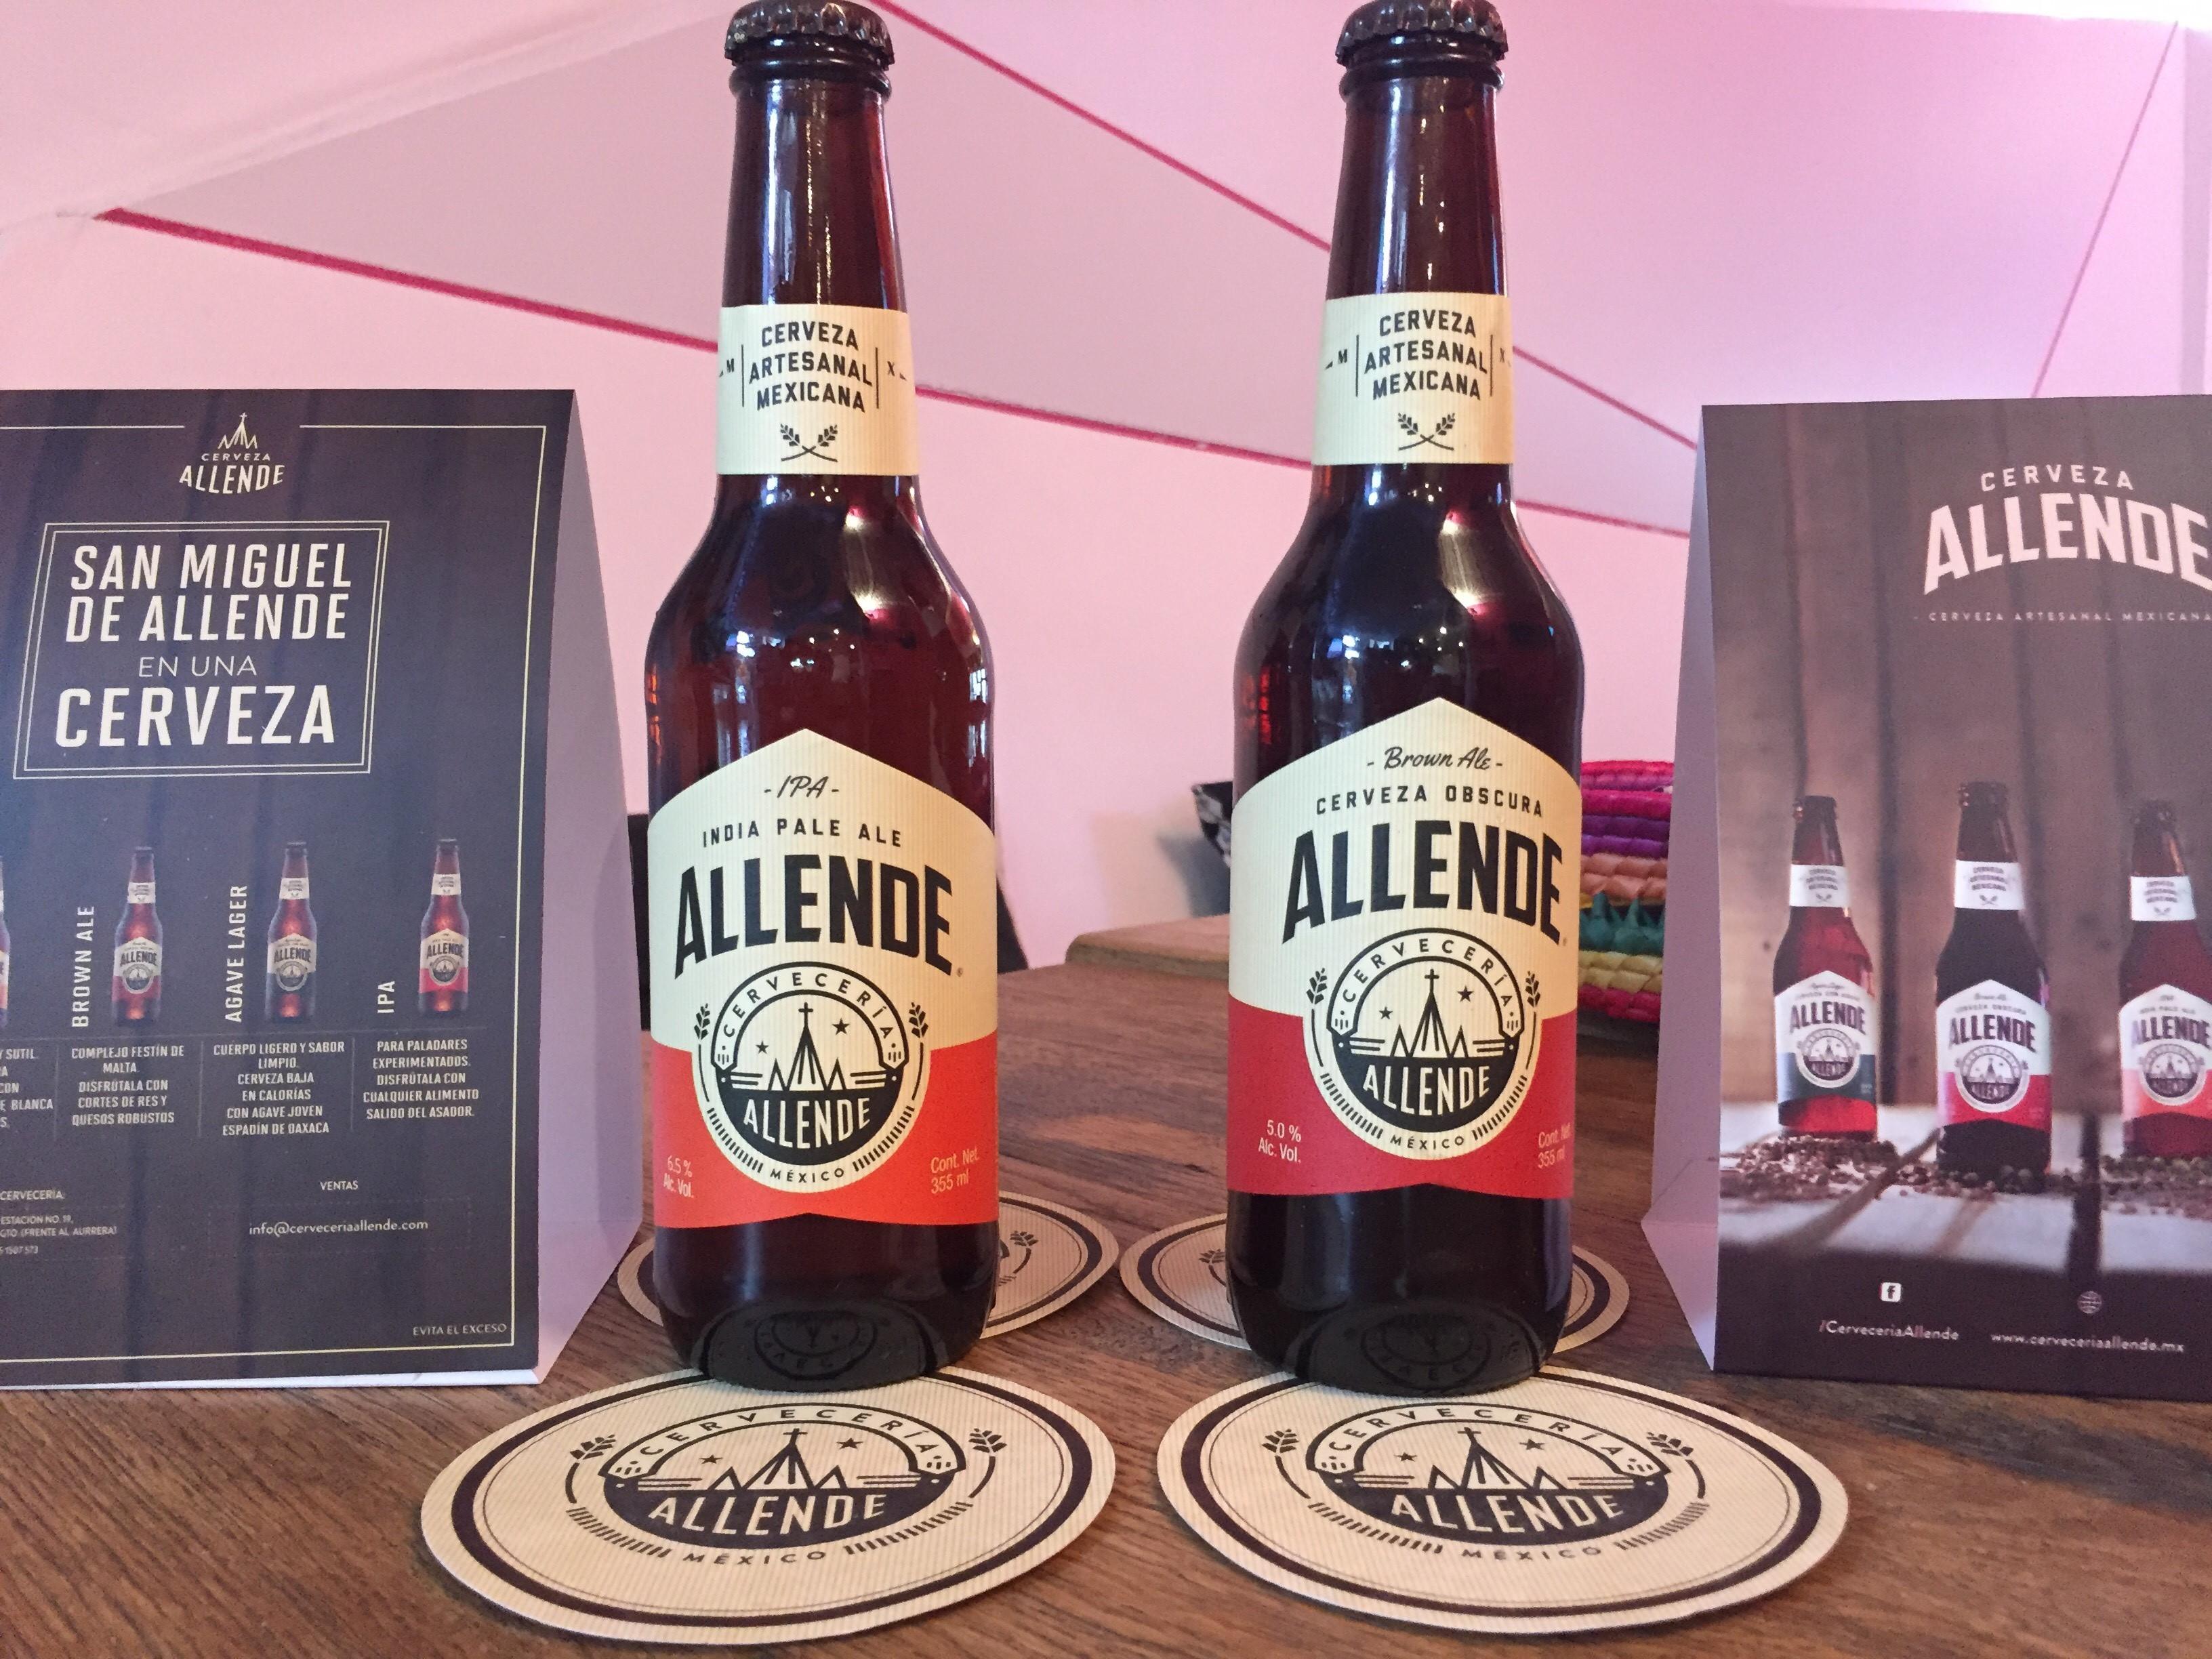 Bienvenidos a Cerveceria Allende